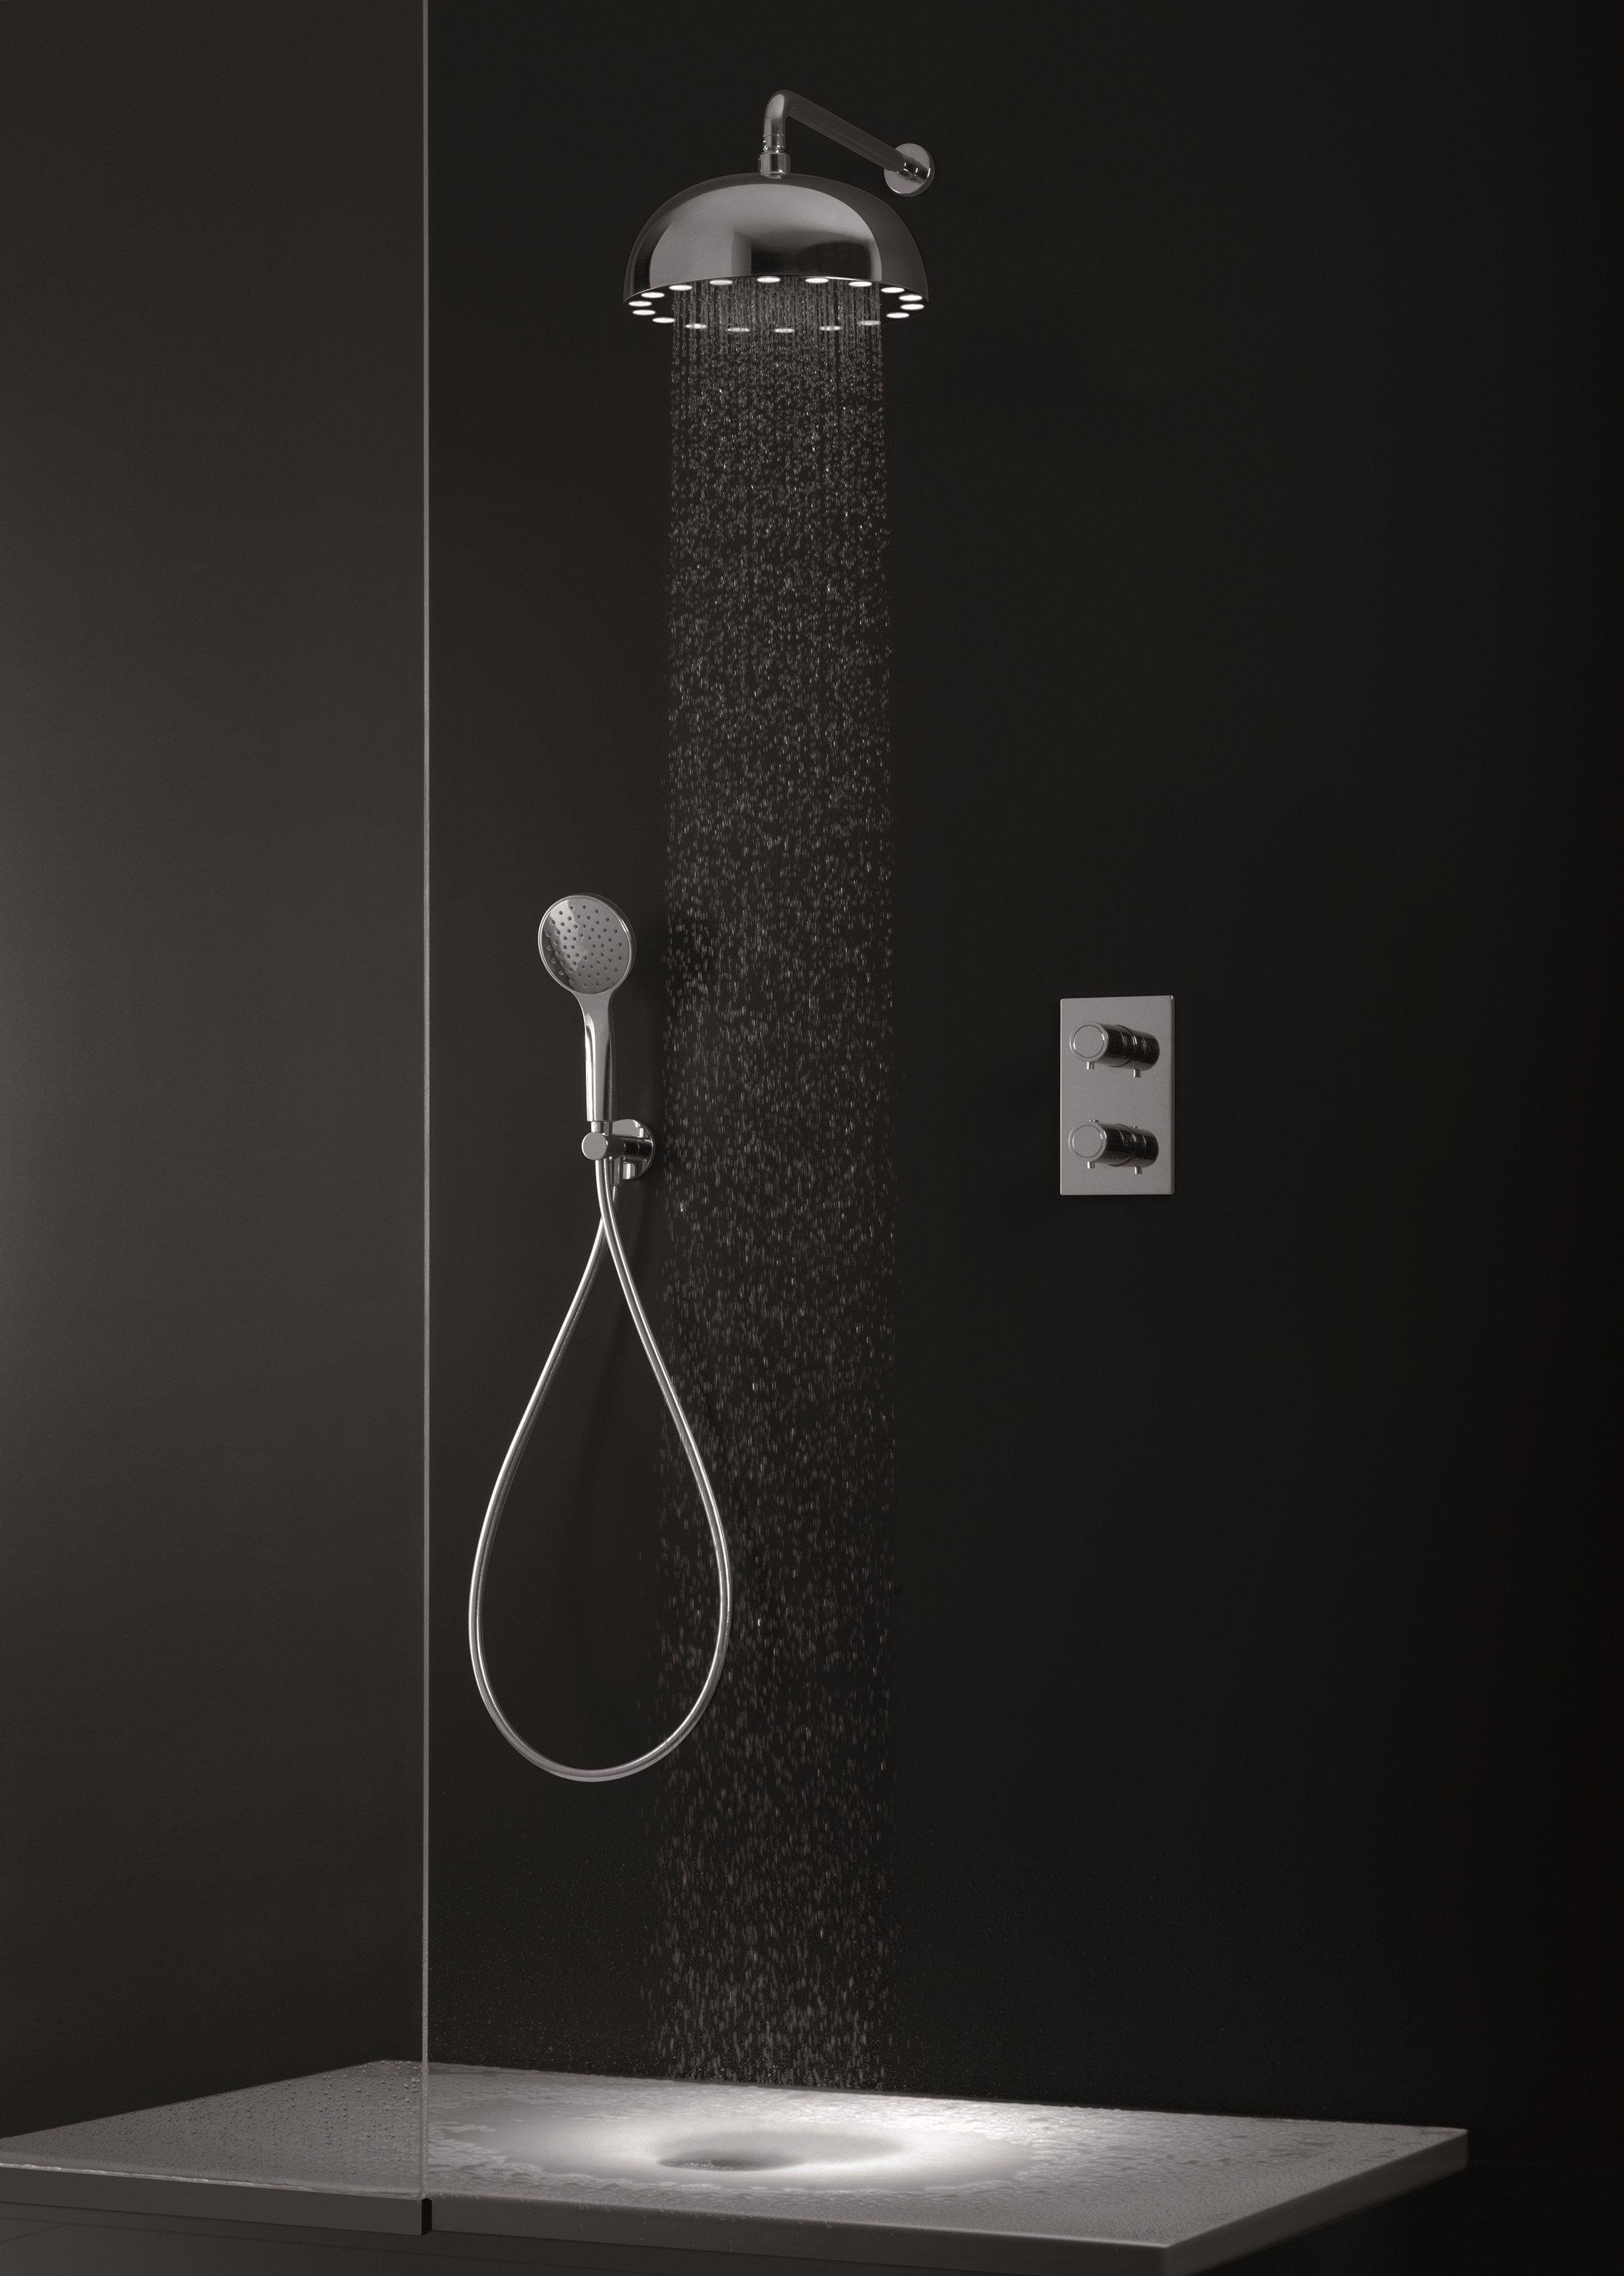 t te de douche effet pluie de plafond avec led dynamo shower by cristina rubinetterie tete. Black Bedroom Furniture Sets. Home Design Ideas